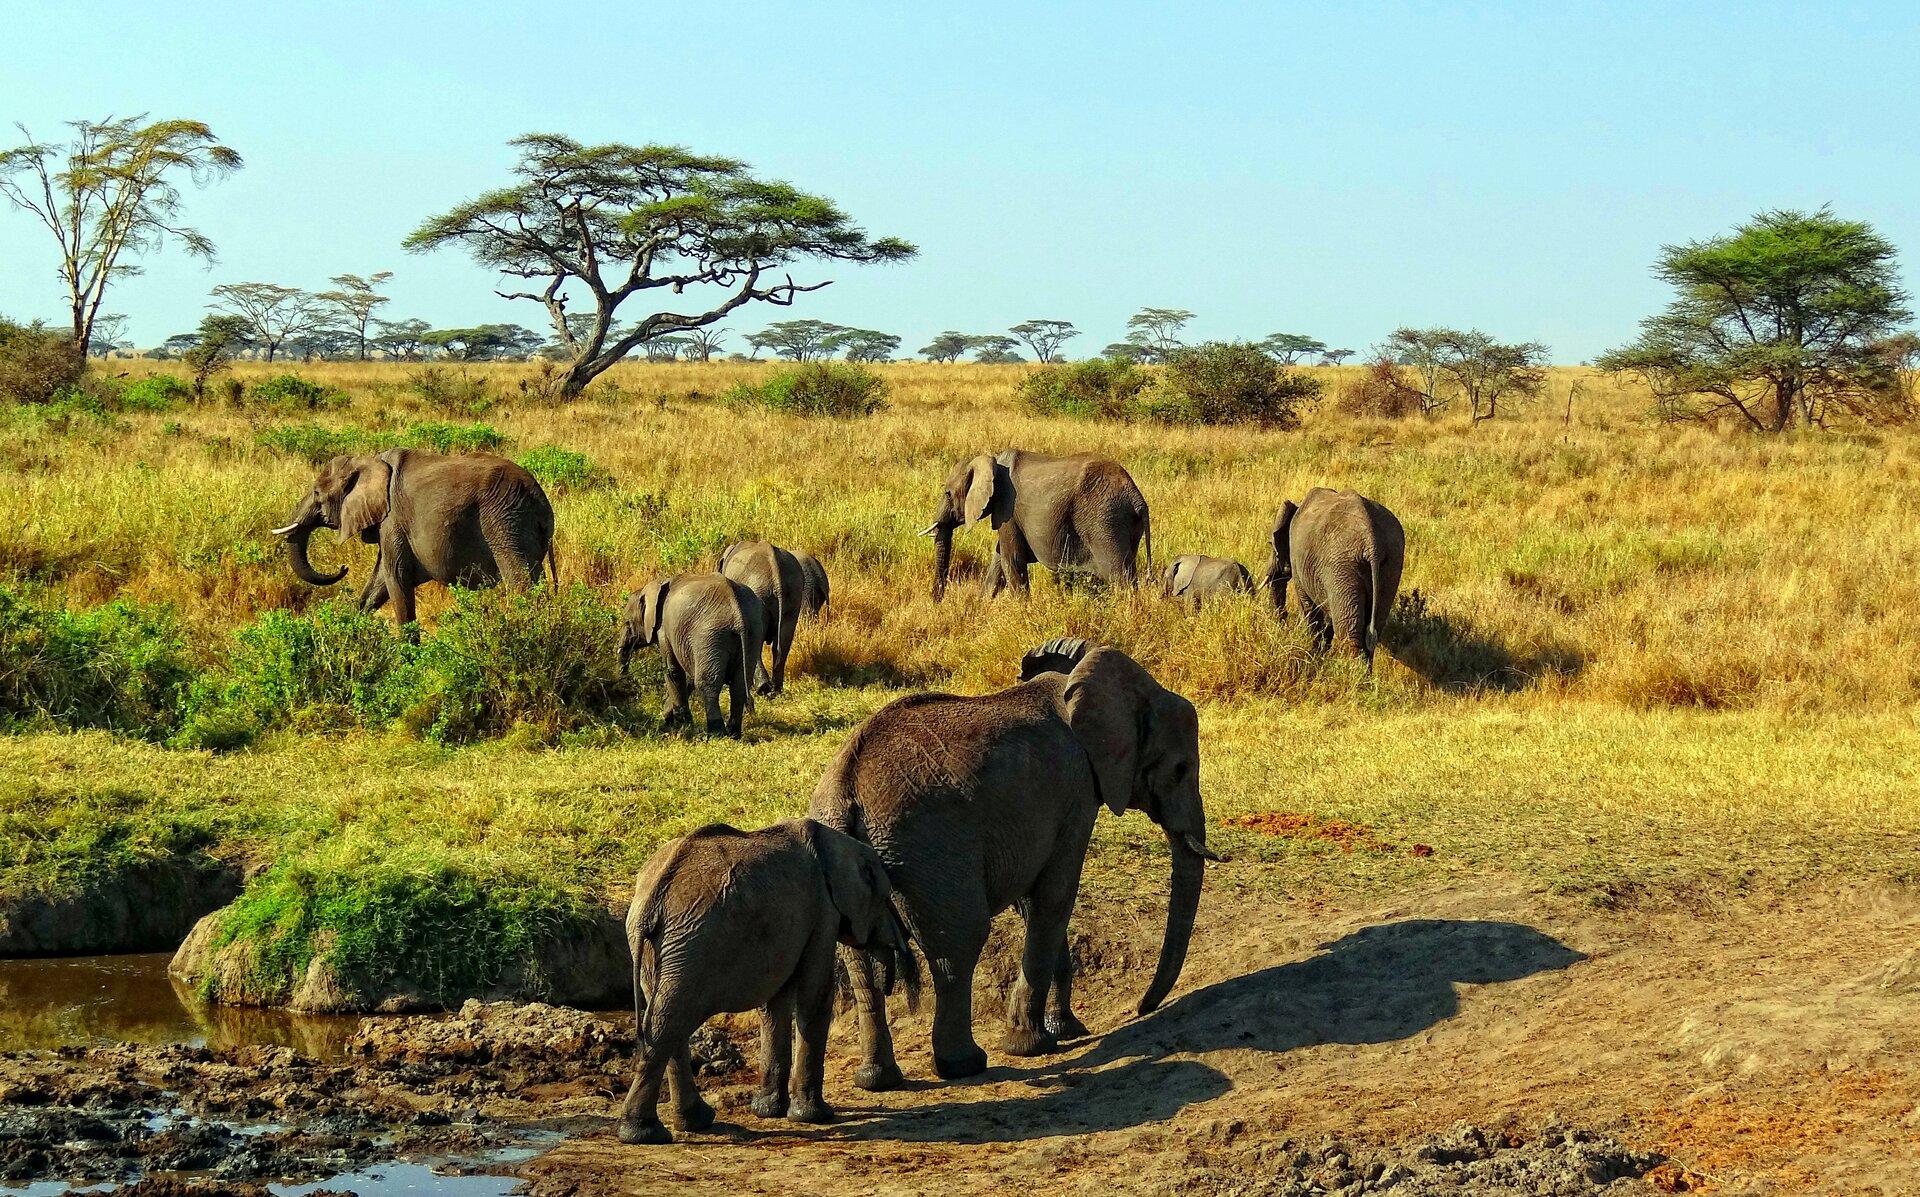 Teren pokryty trawą. Na pierwszym planie osiem słoni idących od błotnistego wodopoju wkierunku drzew akacji. Wtle wiele drzew akacji. Błękitne bezchmurne niebo.